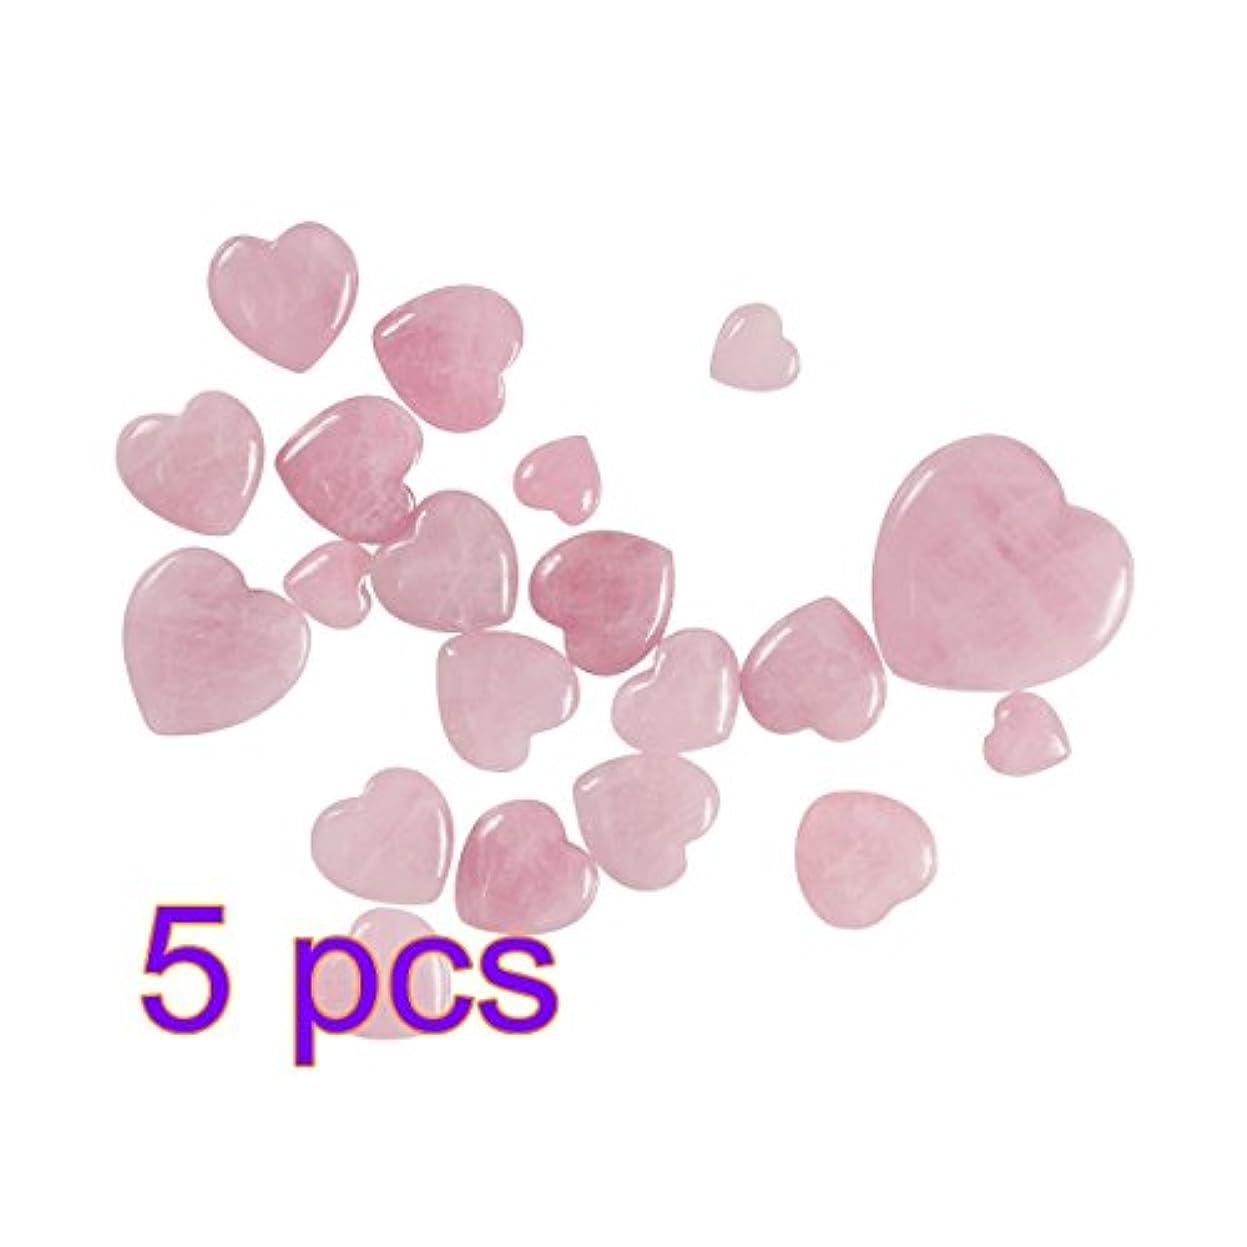 くるみラテン寝室を掃除するWINOMO 5本のヒーリングクリスタルナチュラルローズクォーツパフィーハートシェイプパームストーンクリスタルヒーリング宝石のホームインテリア